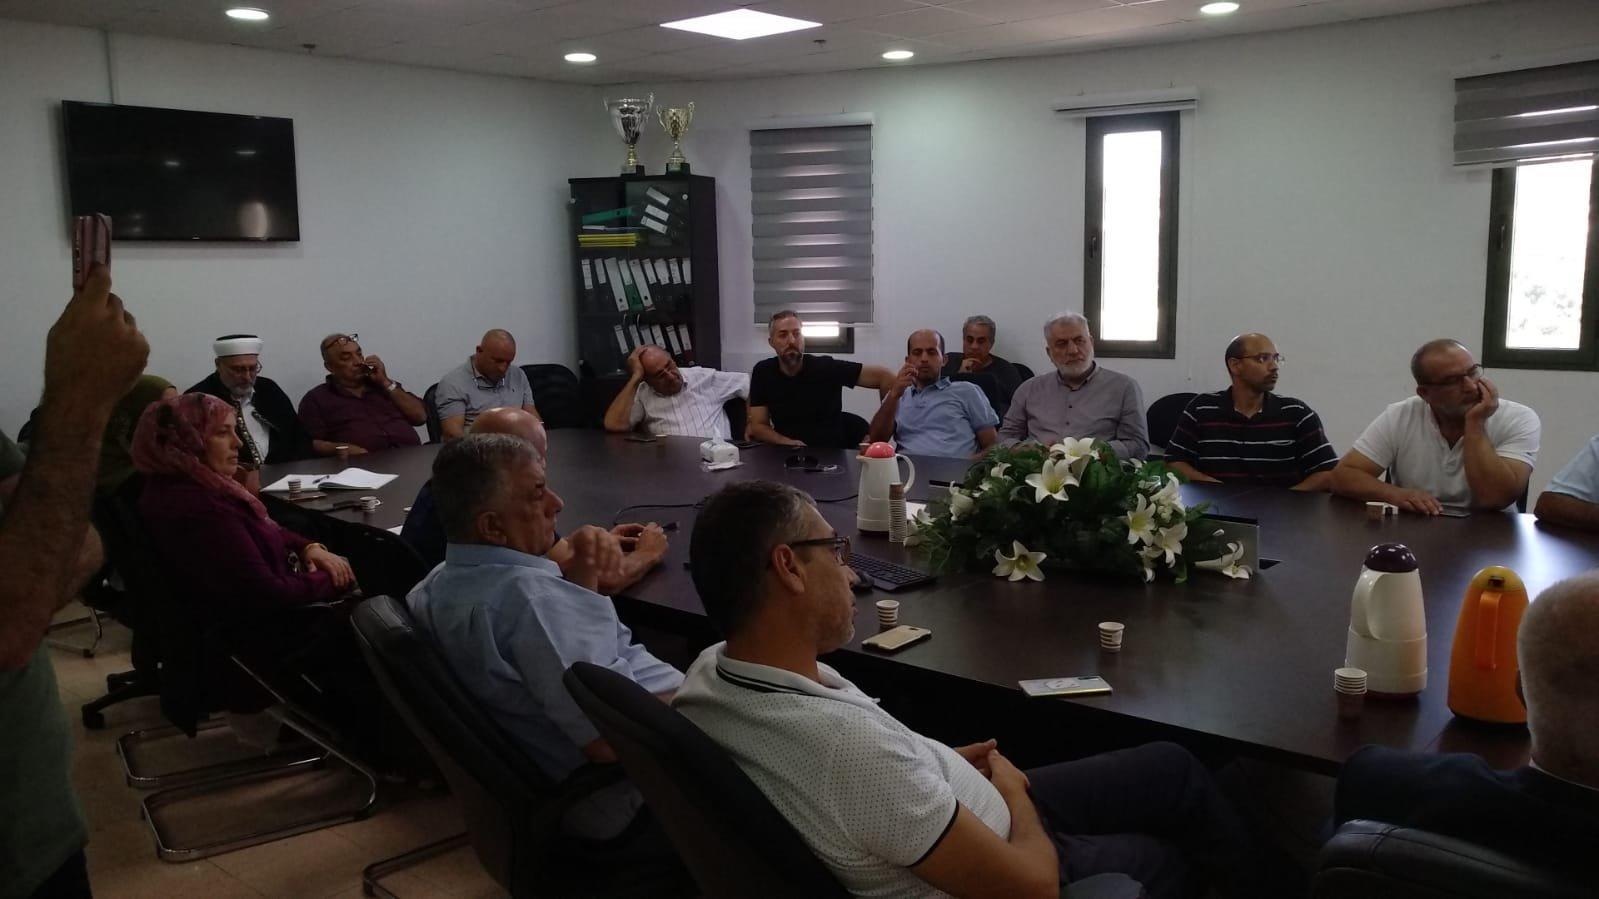 عرعرة - عارة: مظاهرة وأضراب عقب جريمة القتل-2